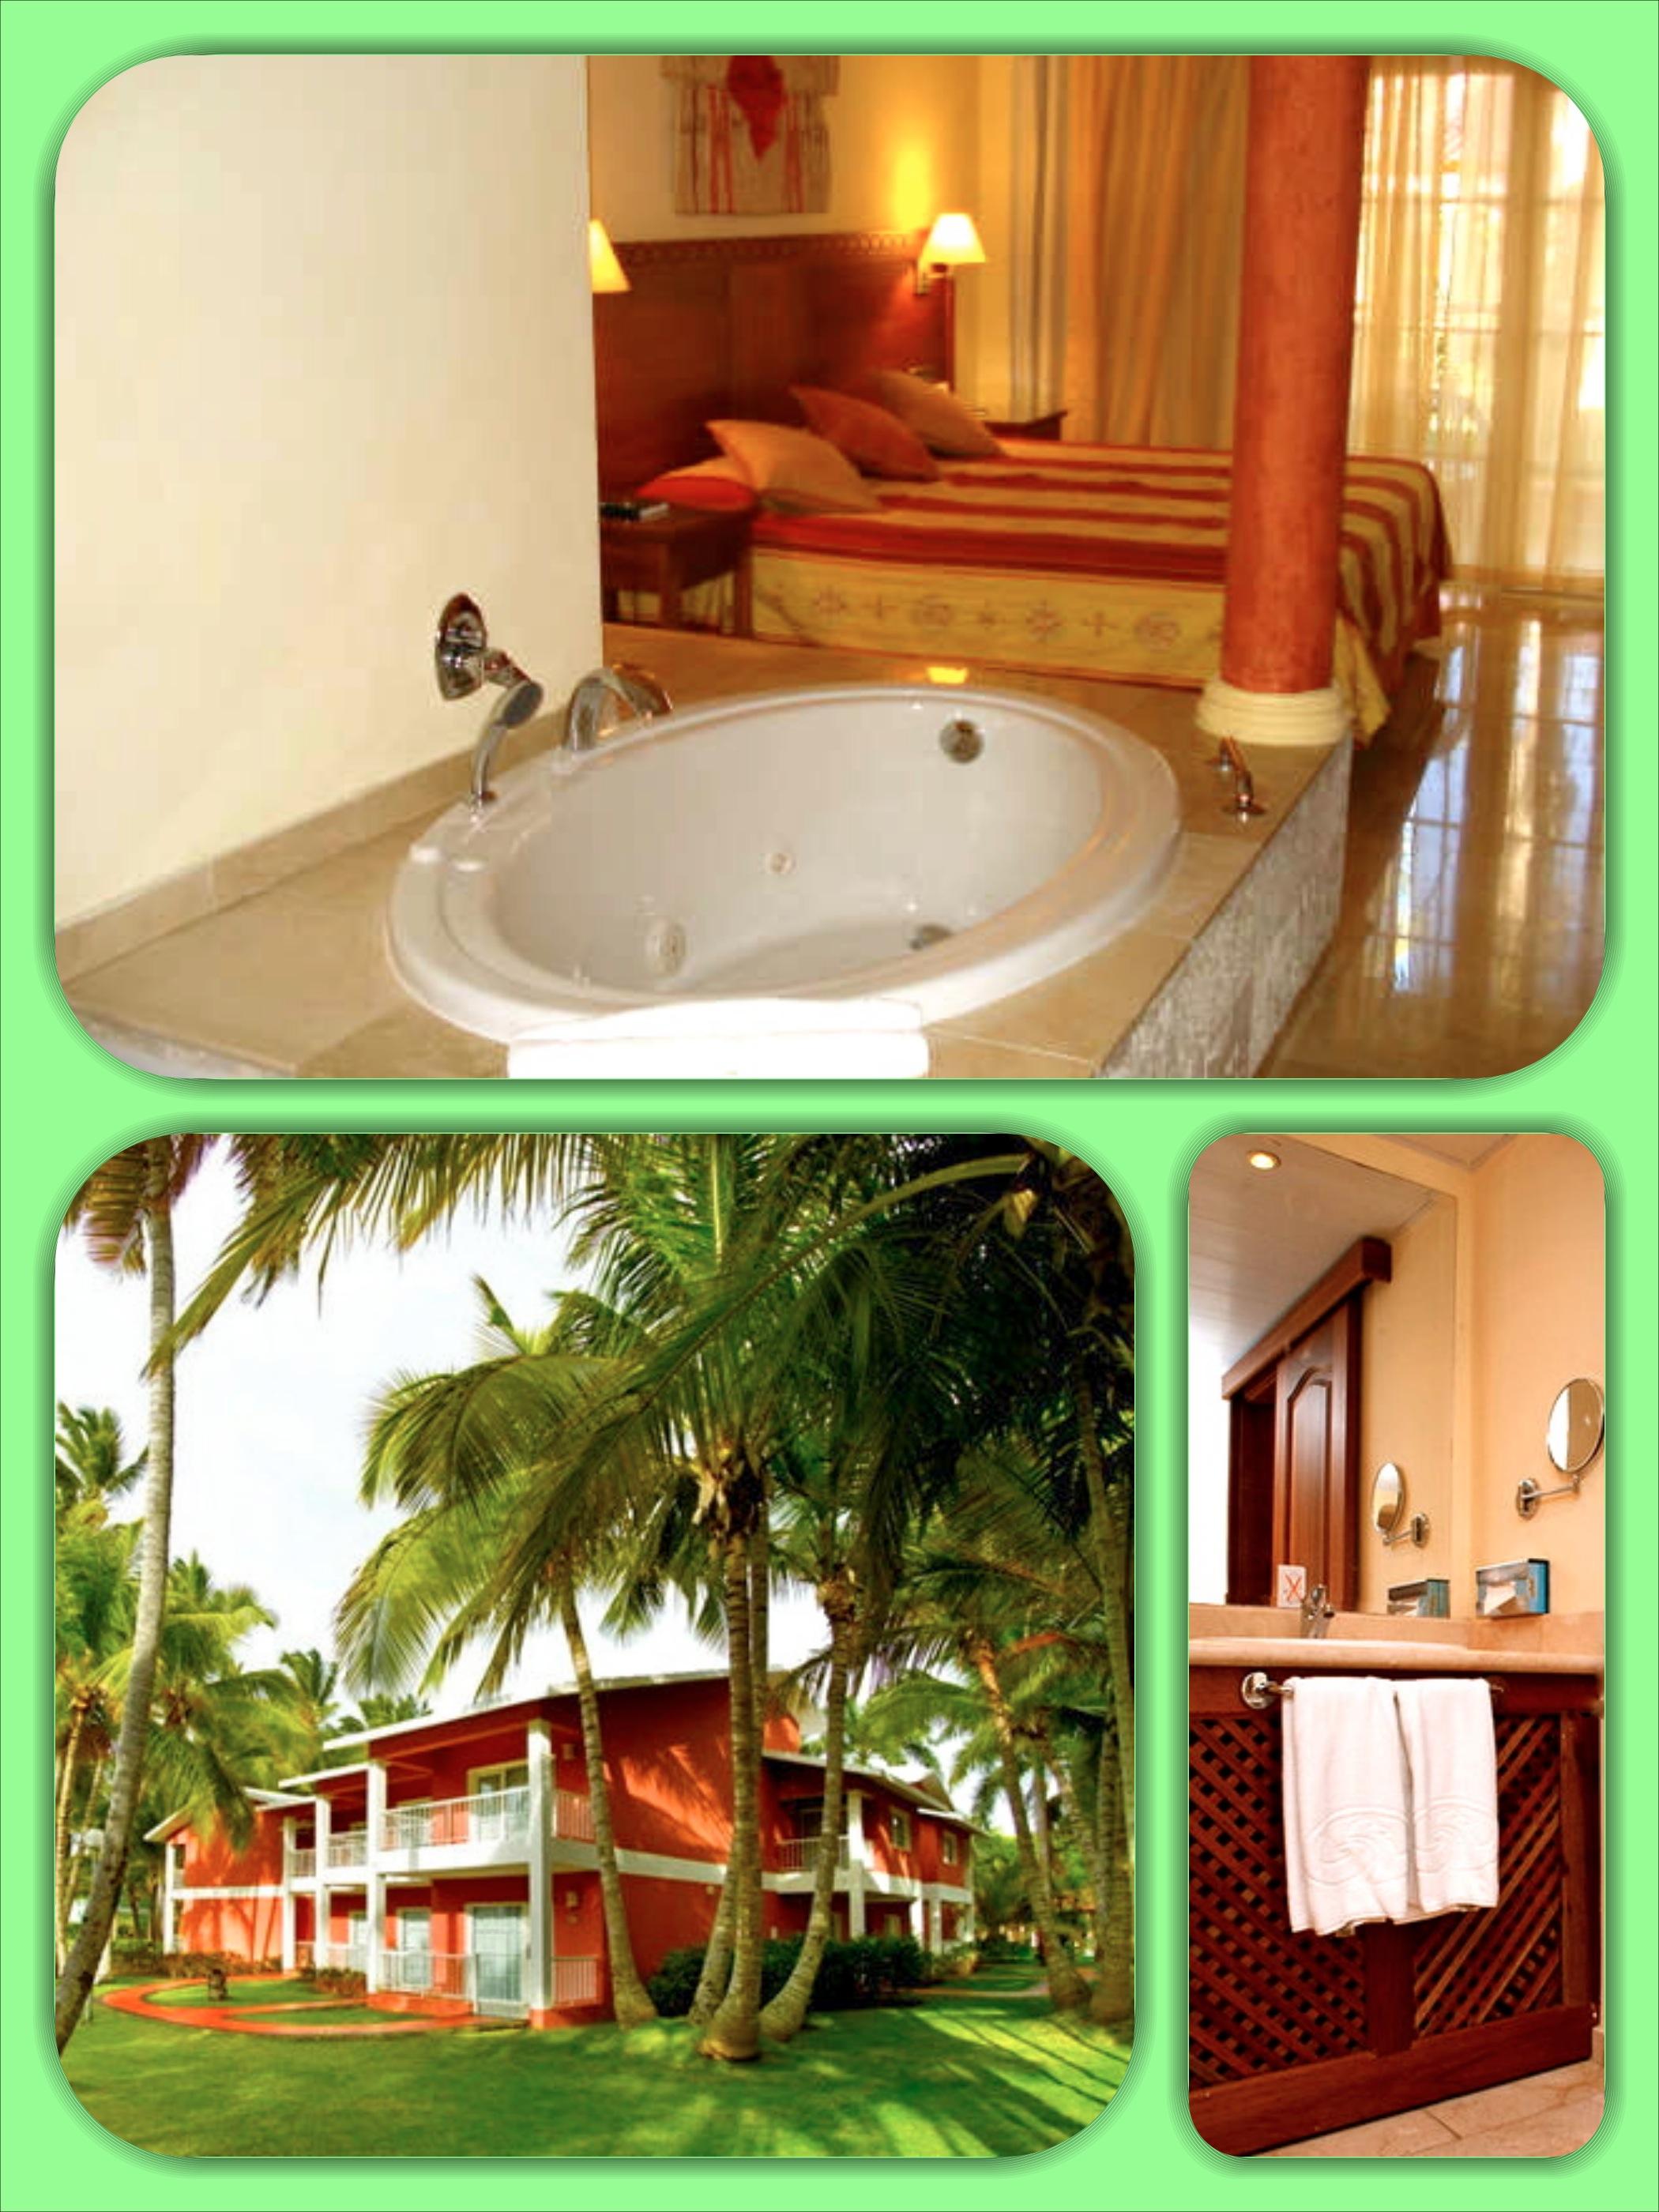 Hoteles con habitaciones con jacuzzi hd 1080p 4k foto for Hoteles con habitaciones comunicadas